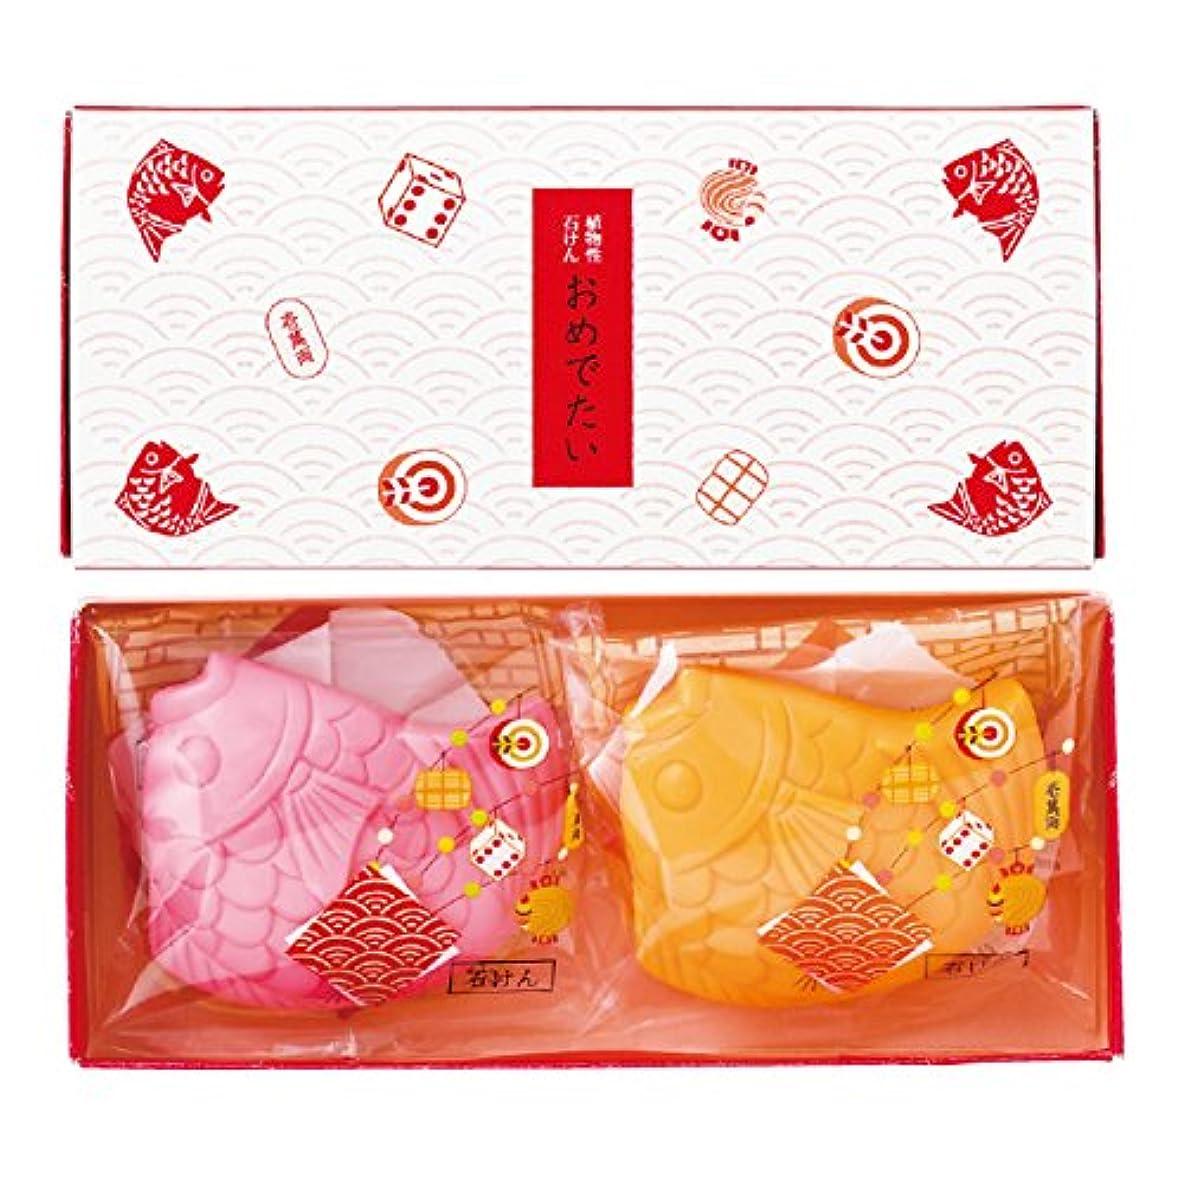 口ひげセグメントライバル石鹸セット おめでたい石鹸 MDT04 2個入り